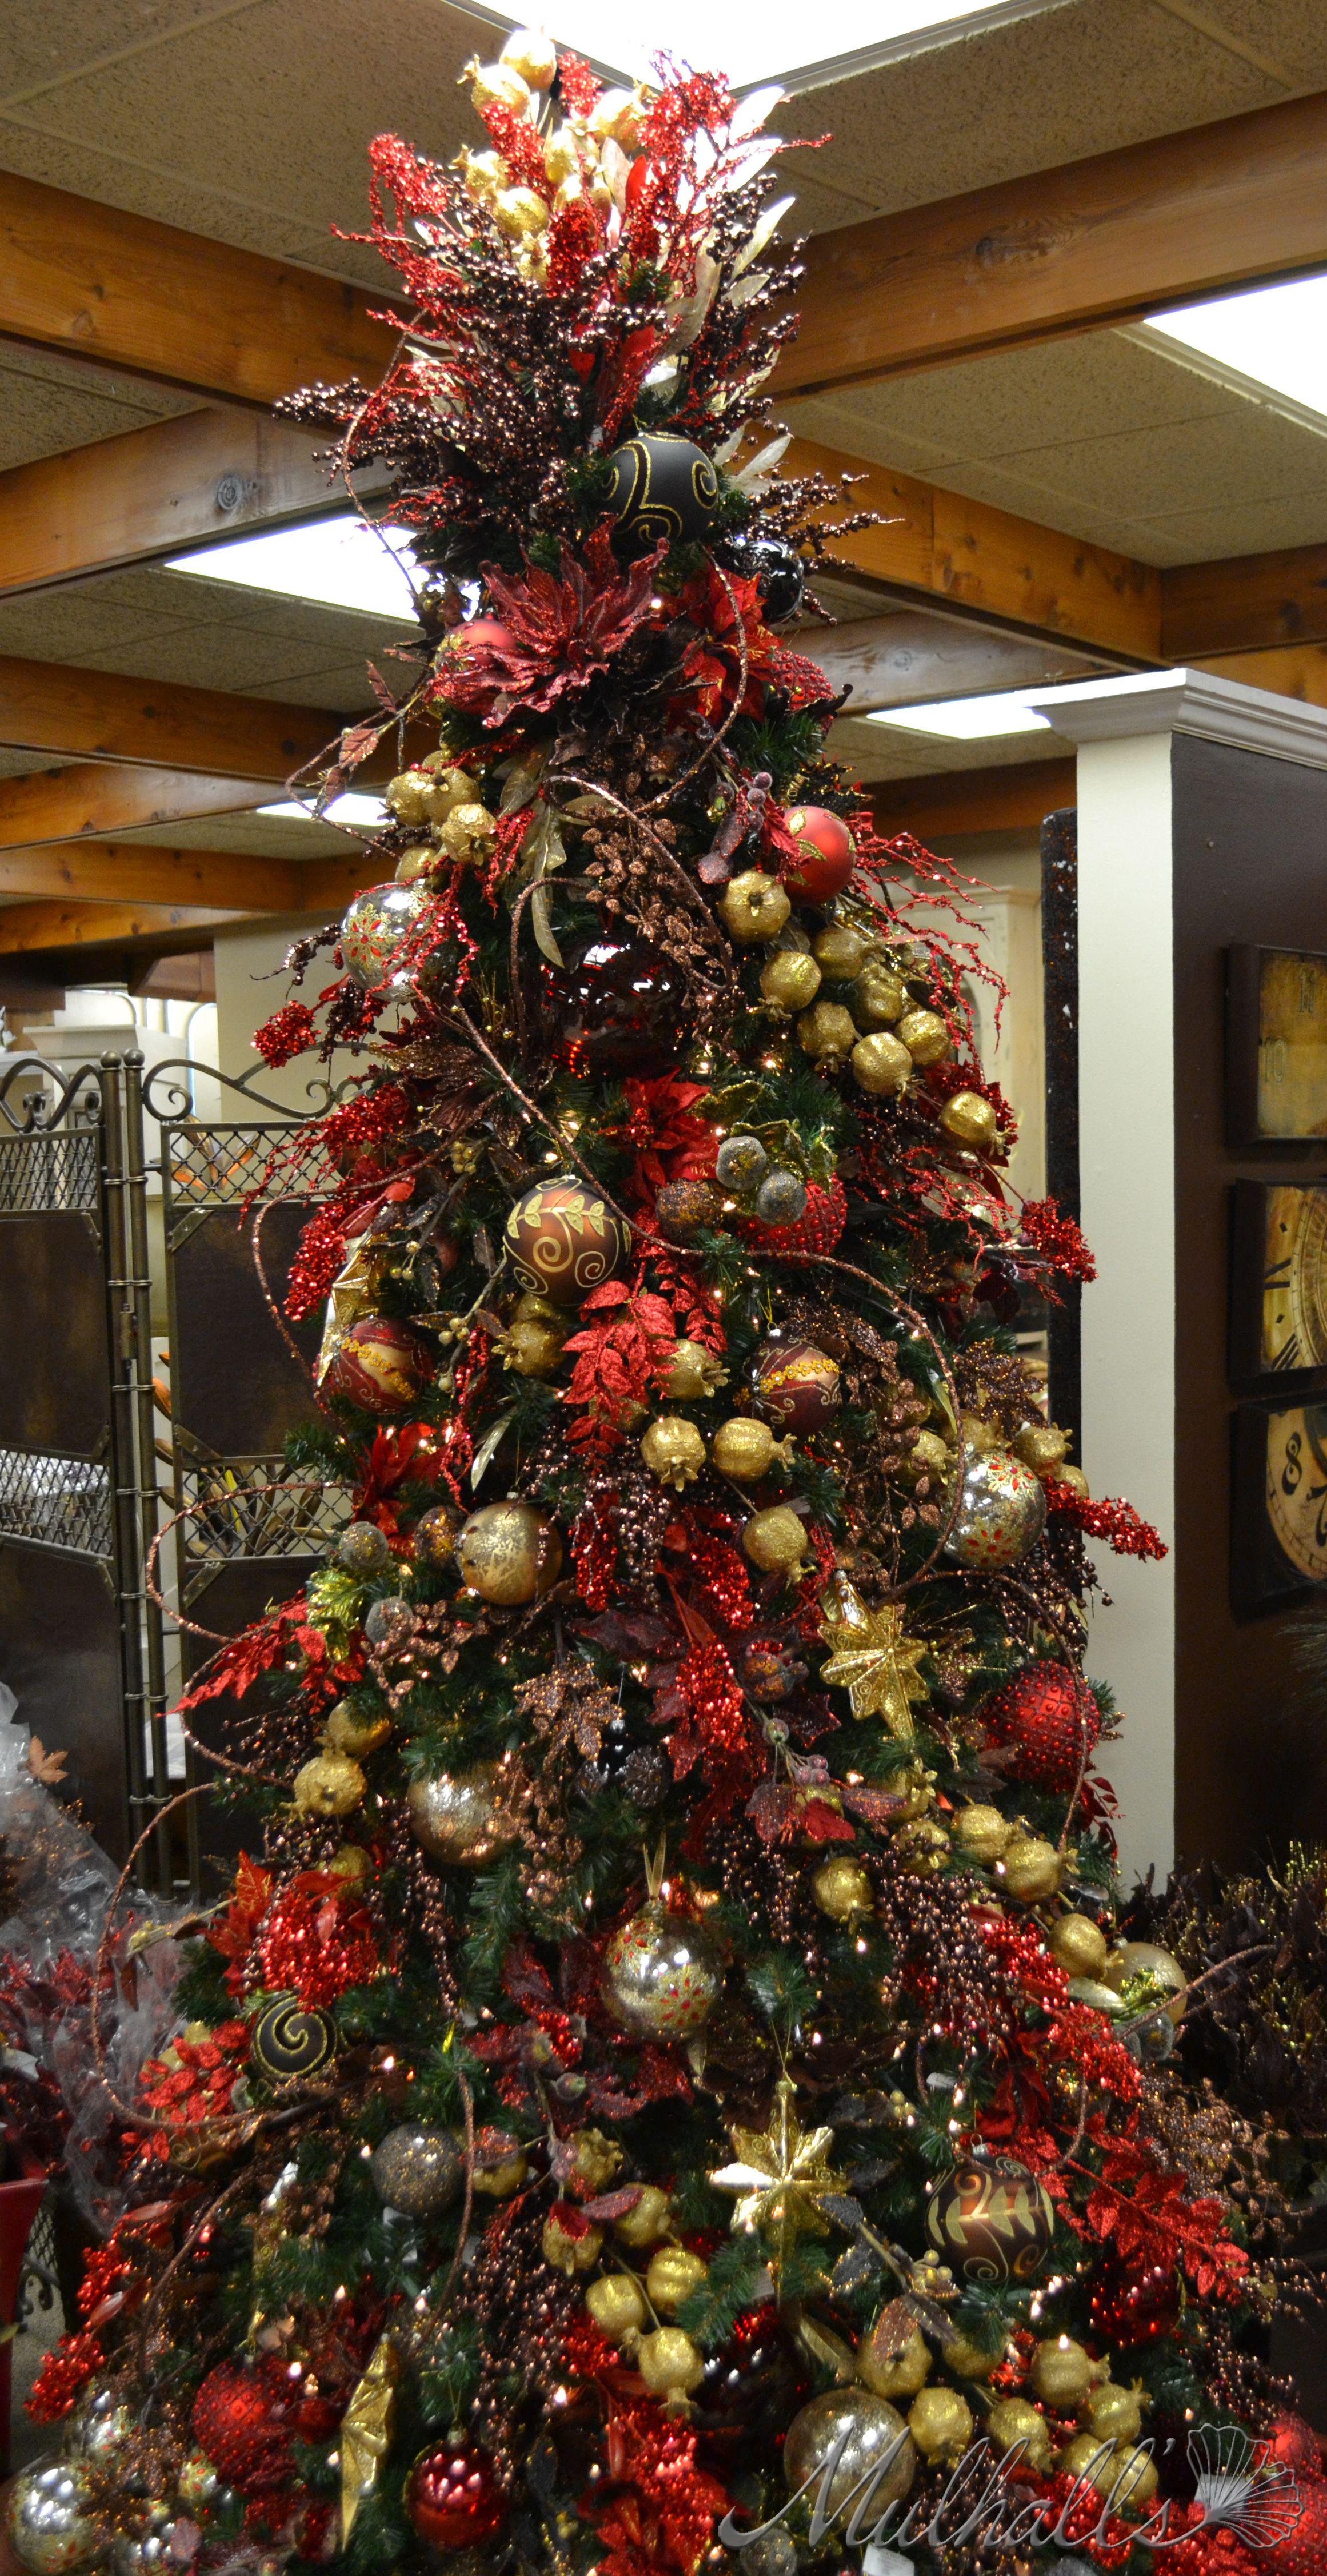 Red Chocolate Themed Christmas Tree Arboles De Navidad Decorados Decoracion Navidad Navidad